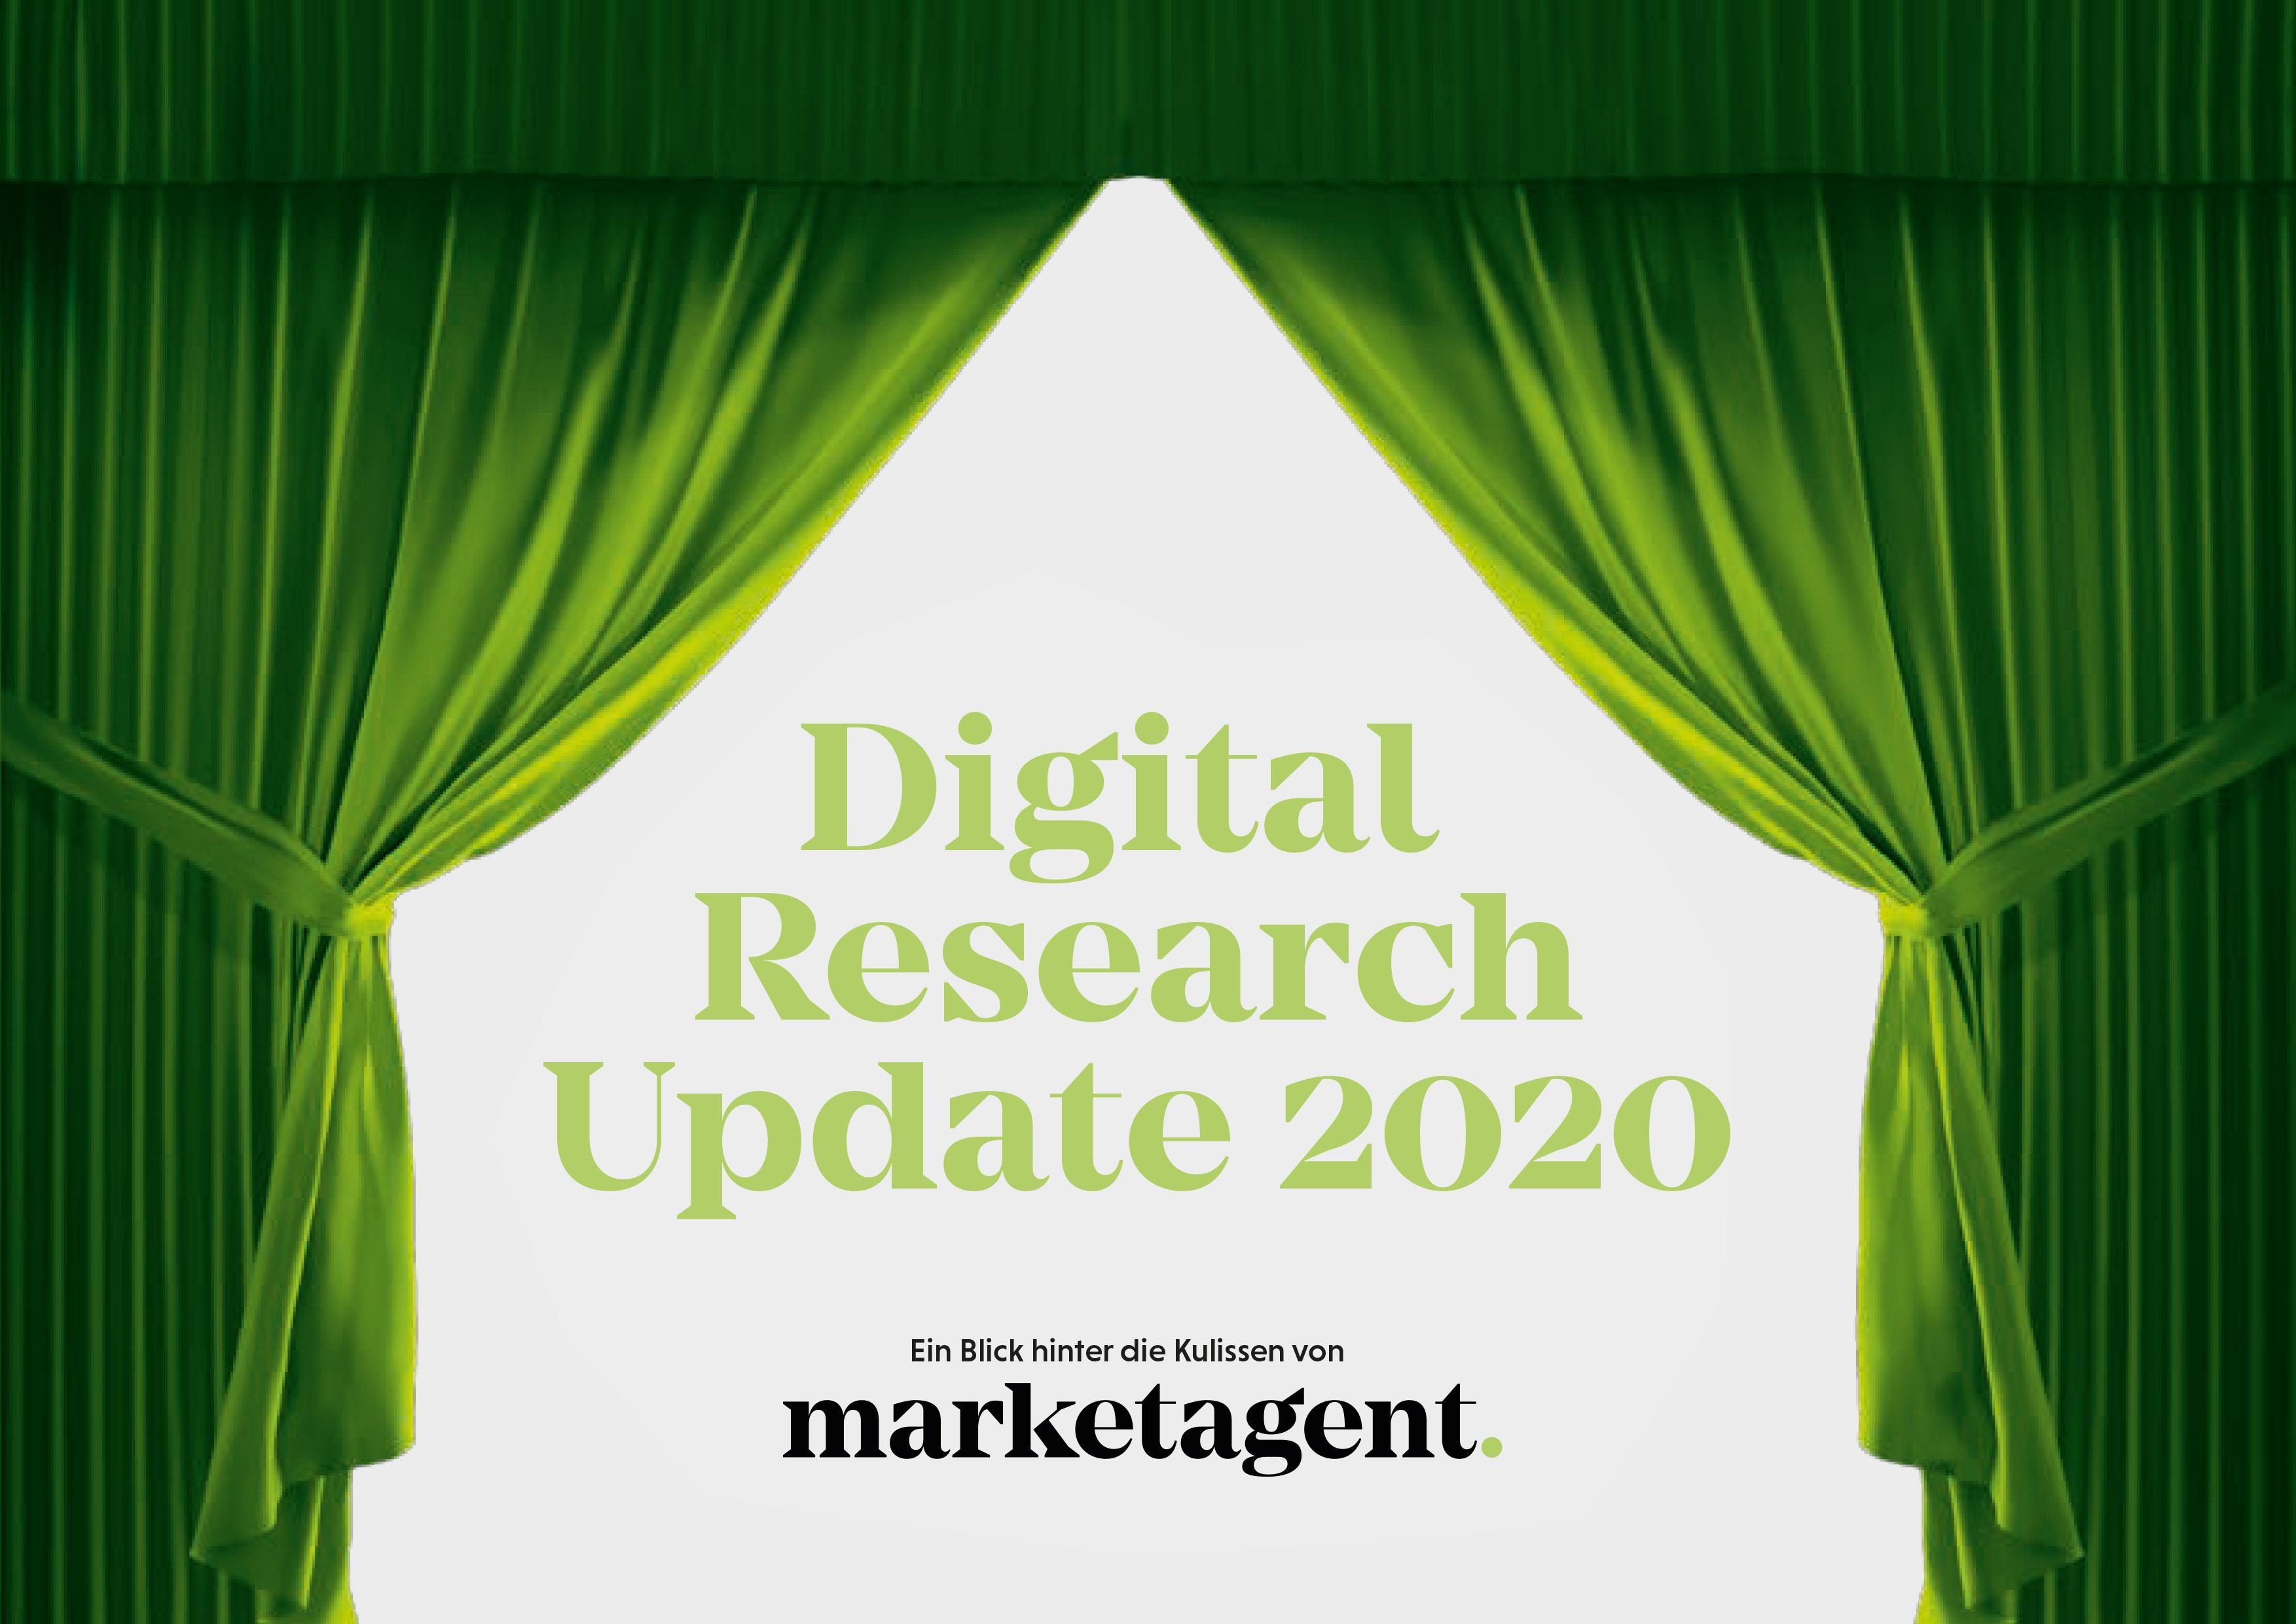 Digital Research Update 2020